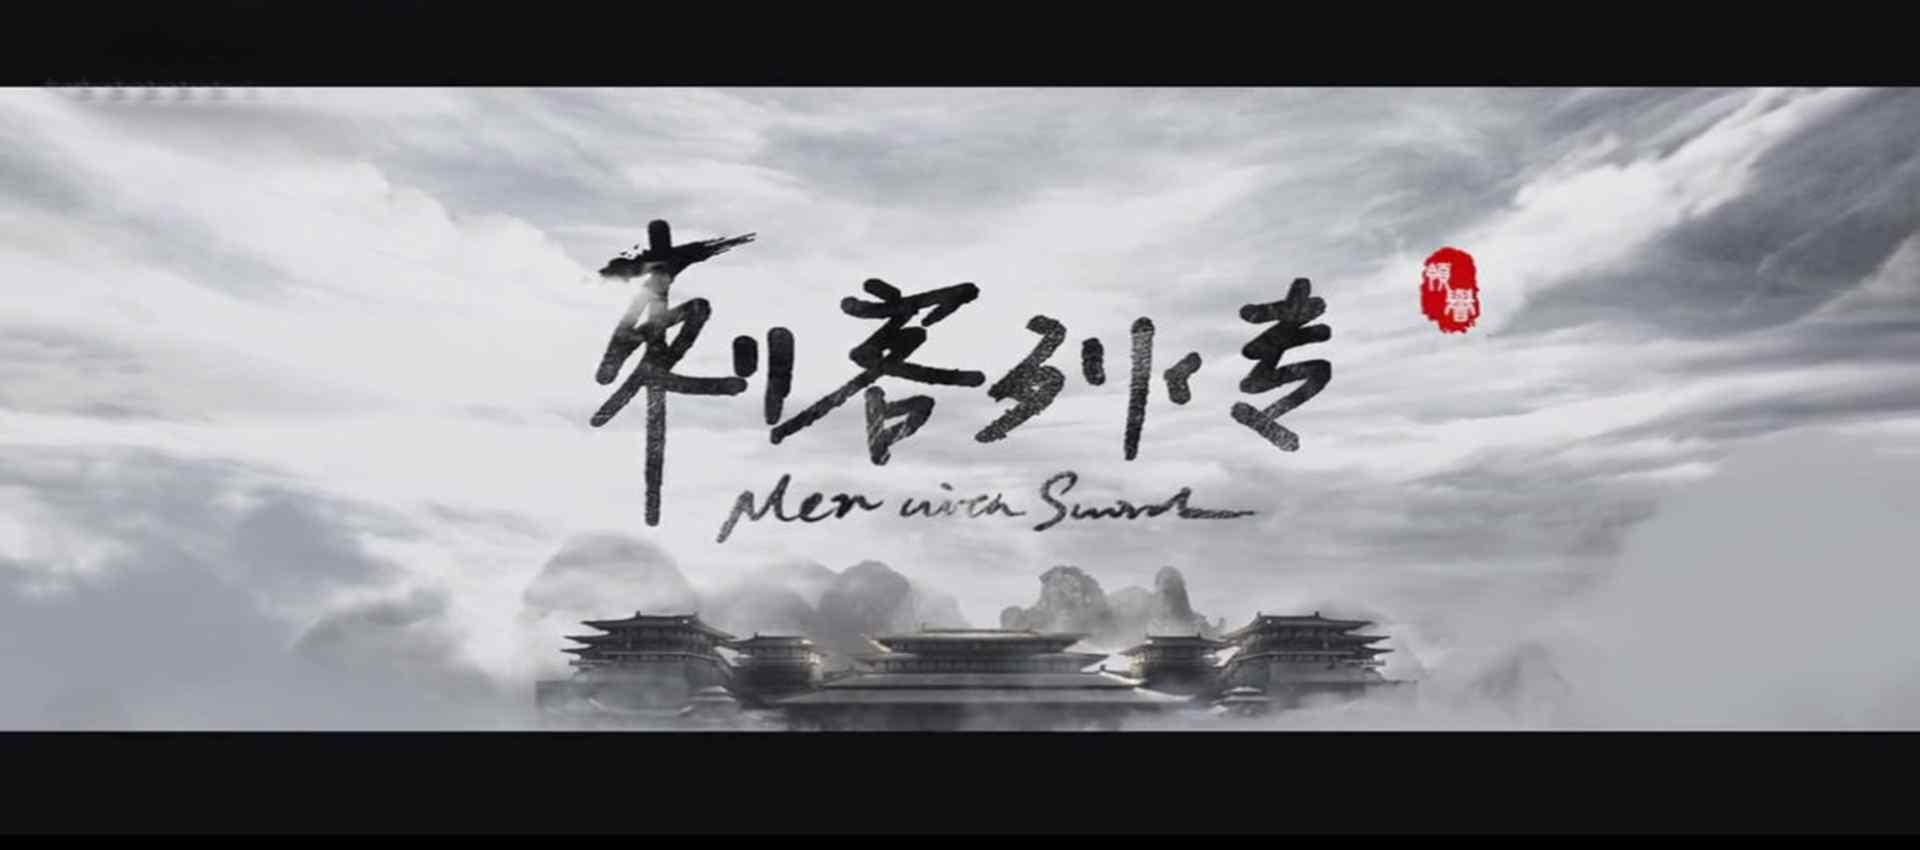 刺客列传_刺客列传电视剧_刺客列传影视壁纸